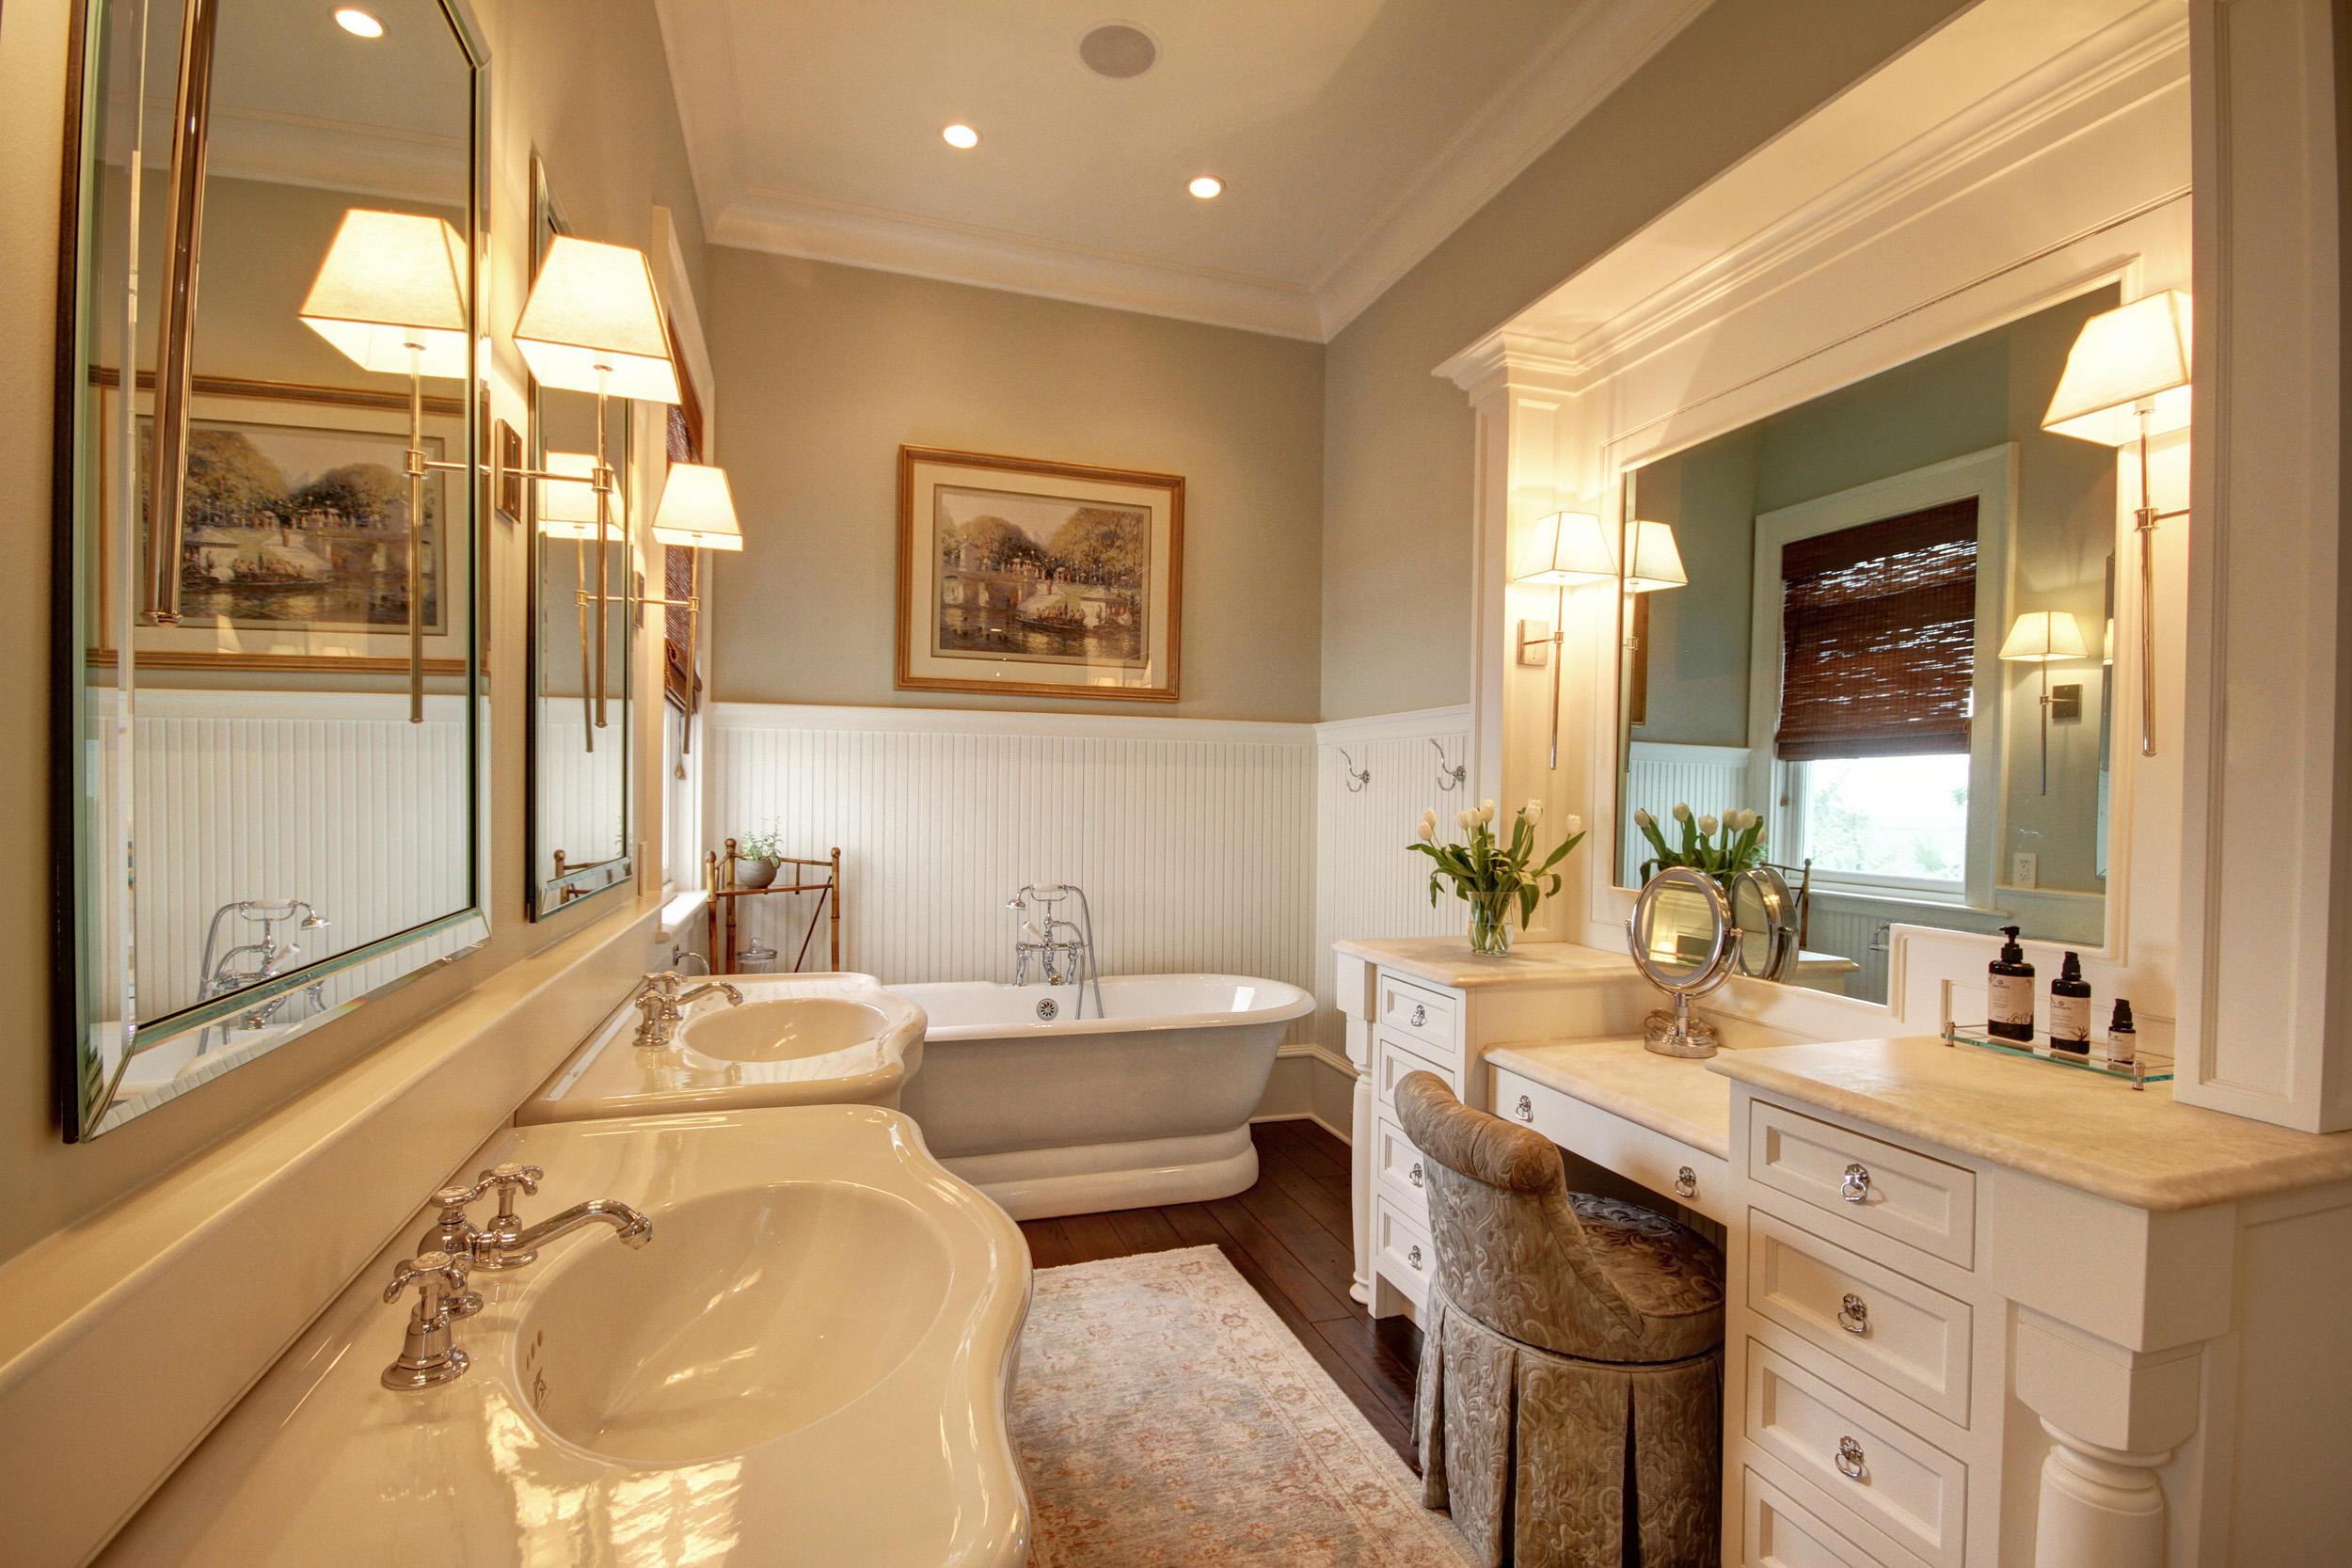 Belle Hall Homes For Sale - 821 Bridgetown Pass, Mount Pleasant, SC - 3